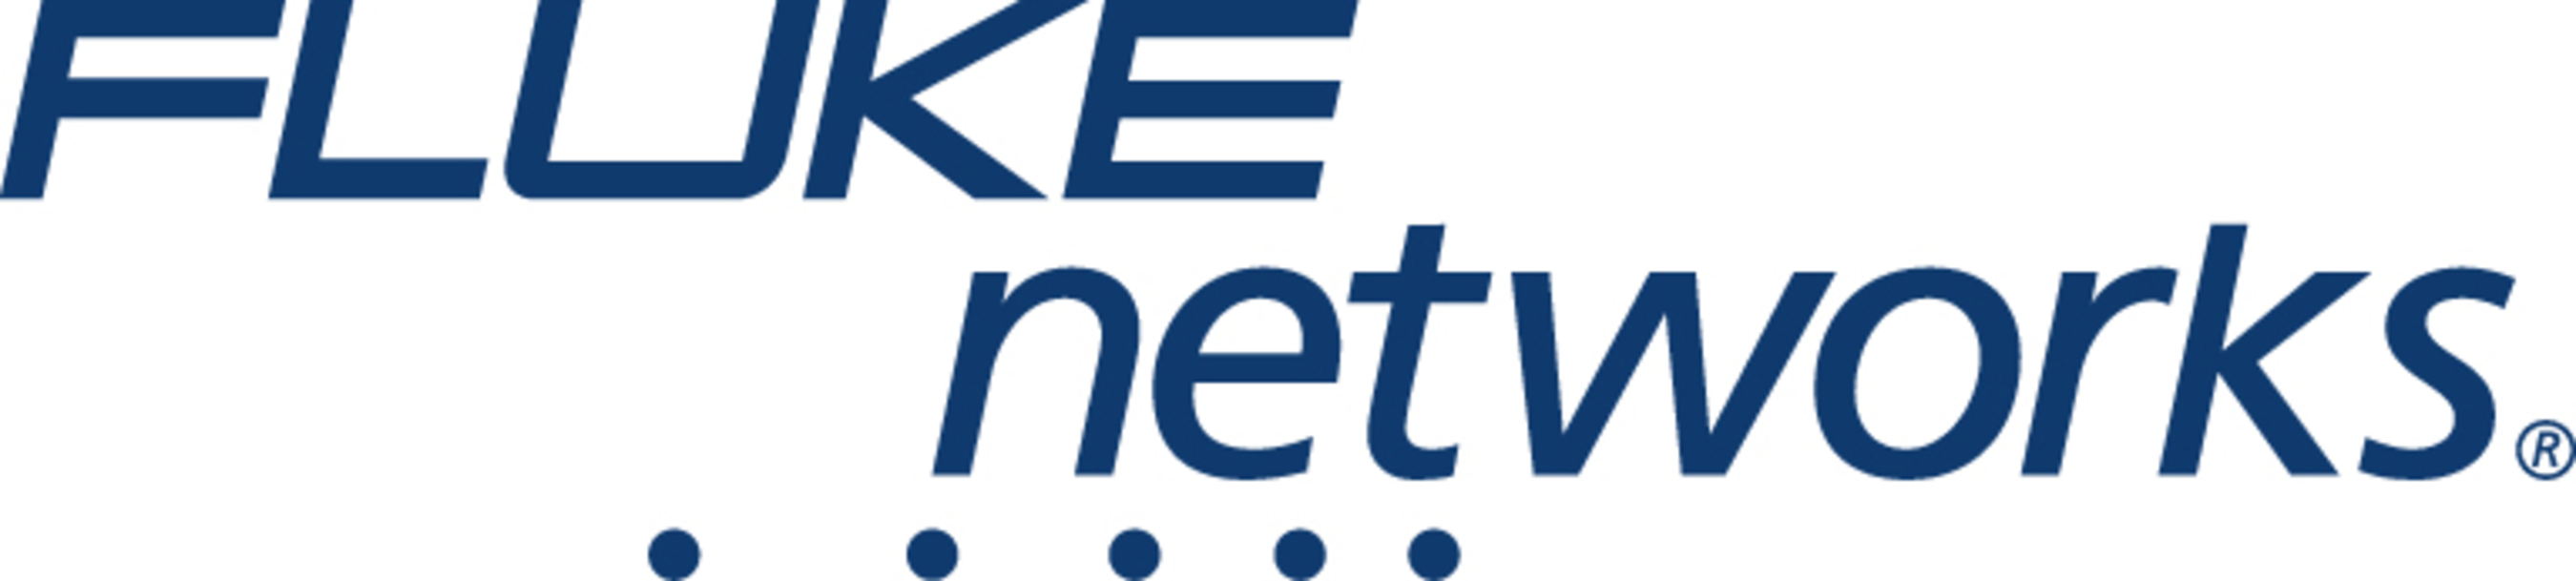 Fluke Networks logo. (PRNewsFoto/Fluke Networks) (PRNewsFoto/)